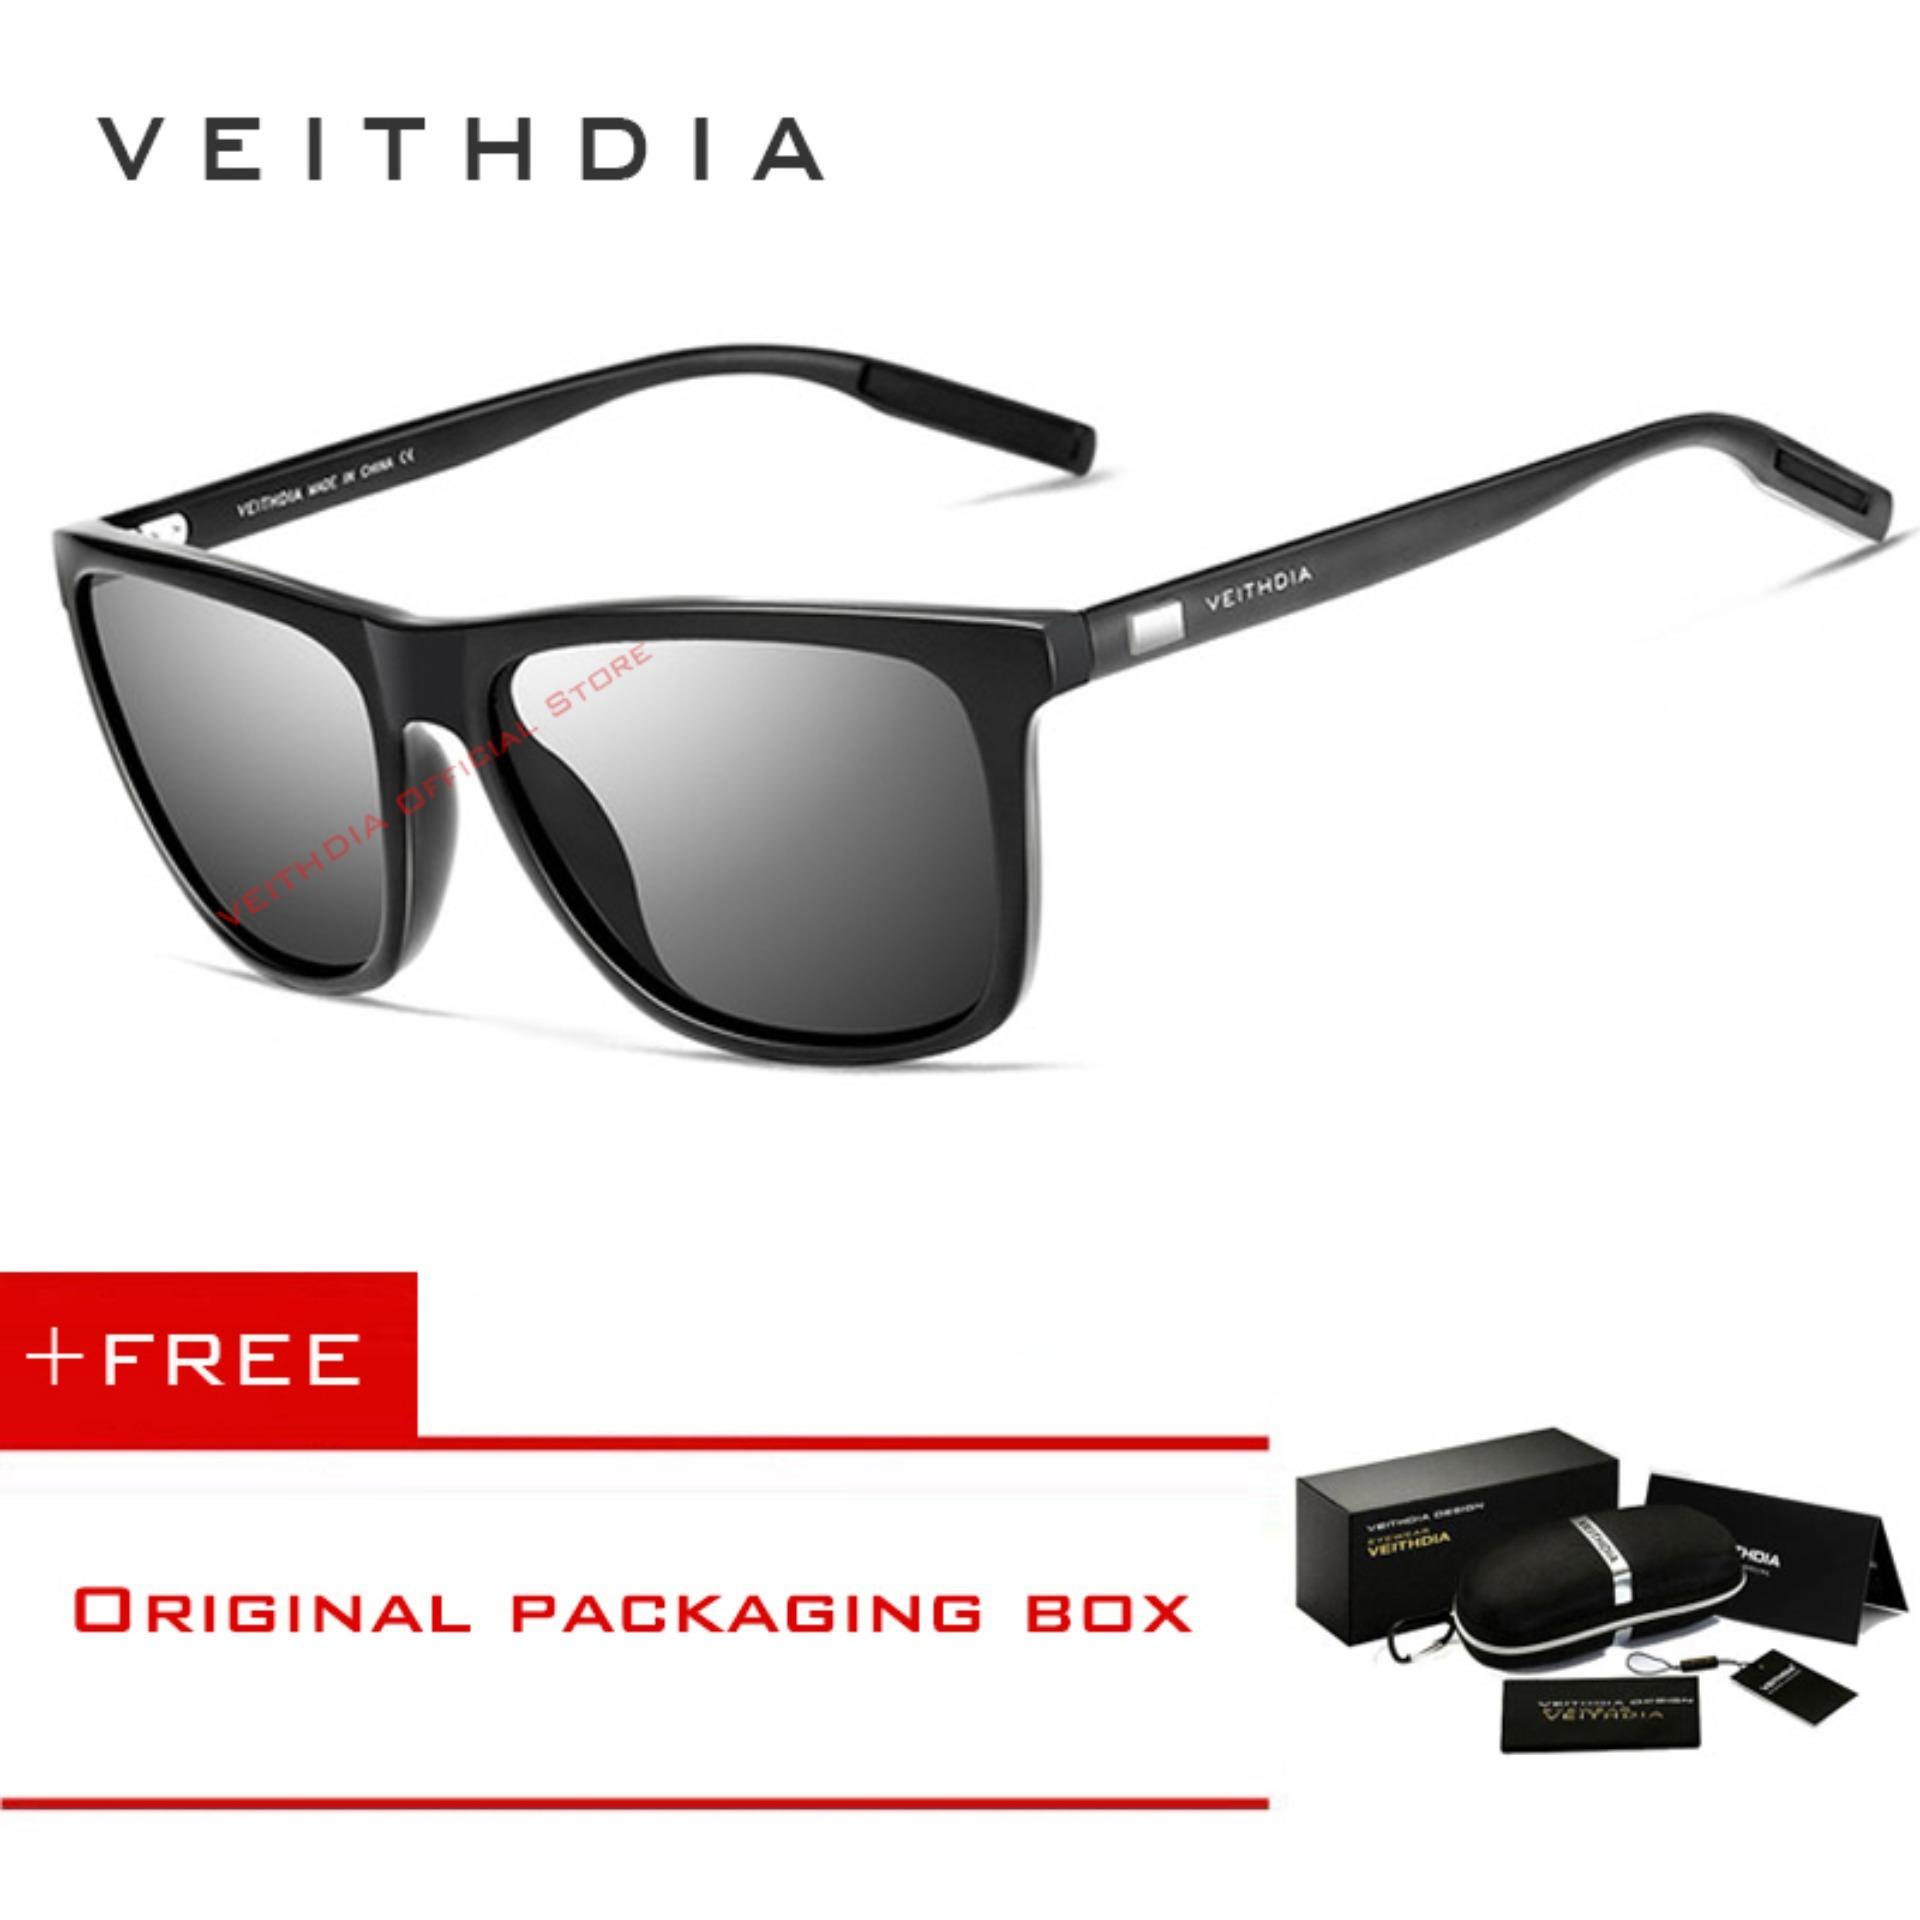 COD+Pengiriman Gratis VEITHDIA Kacamata Hitam TR90 Retro Lensa Polarisasi  Bermerek Untuk Pria Wanita 8964abbb9e